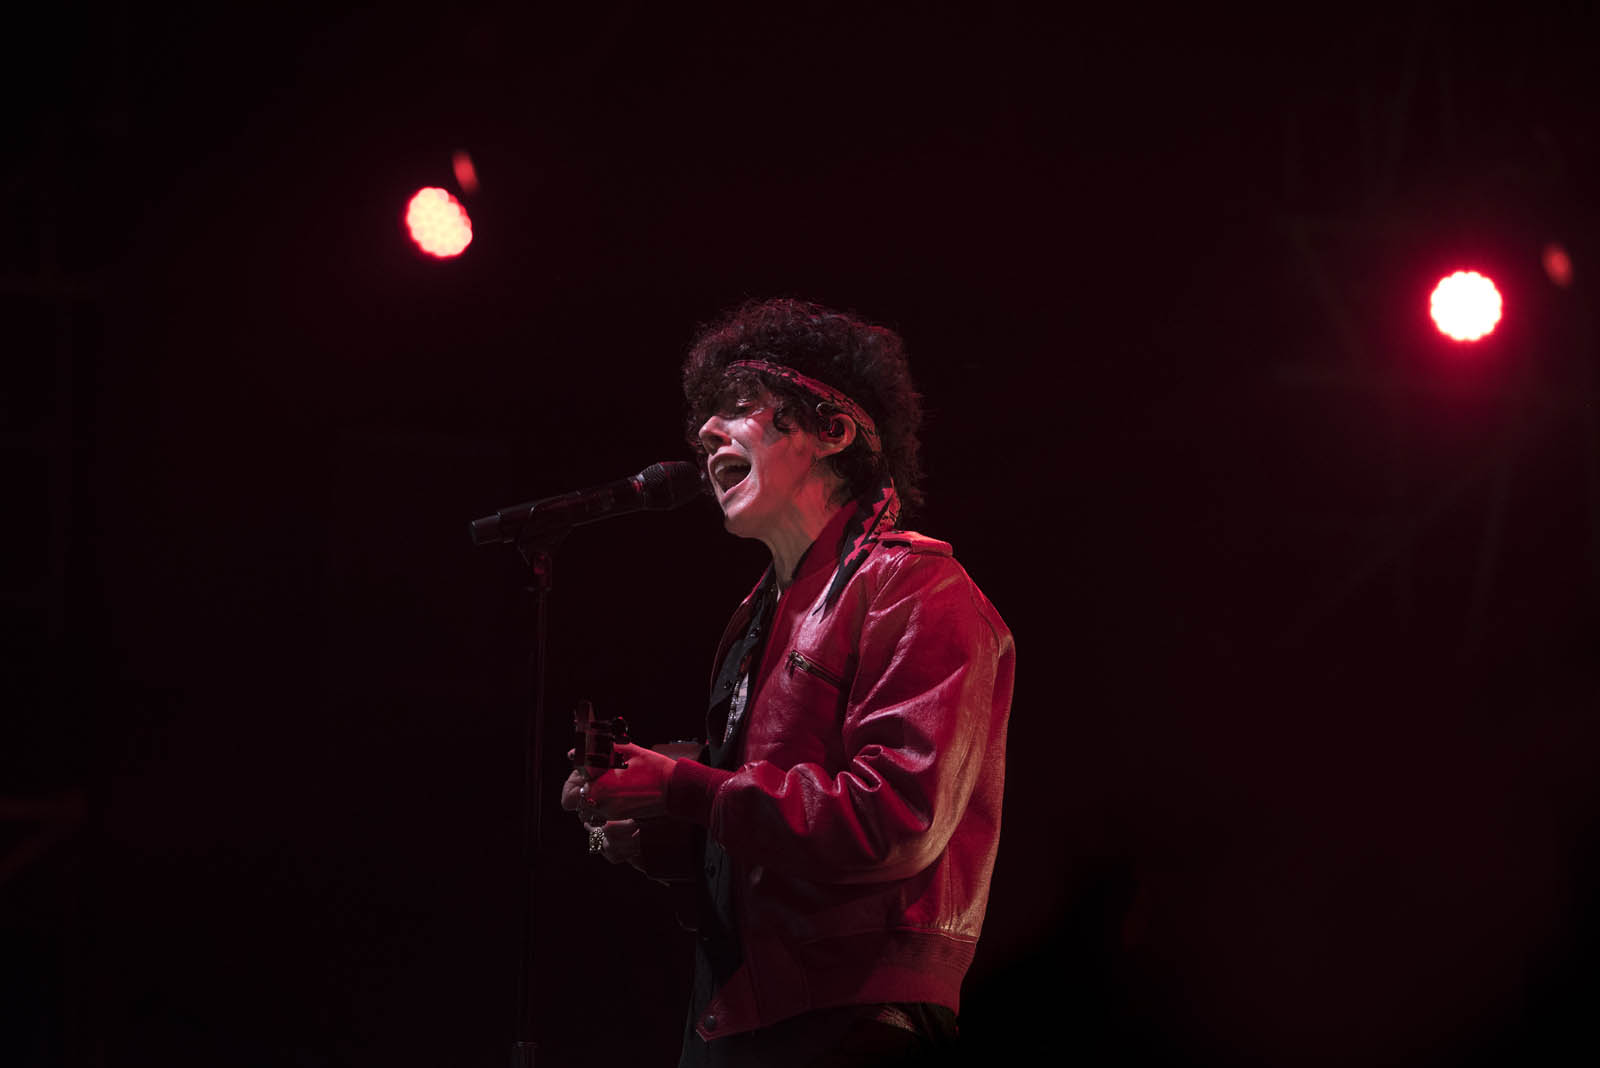 LP: de escribir canciones para estrellas mundiales a emocionar al Perú con su voz